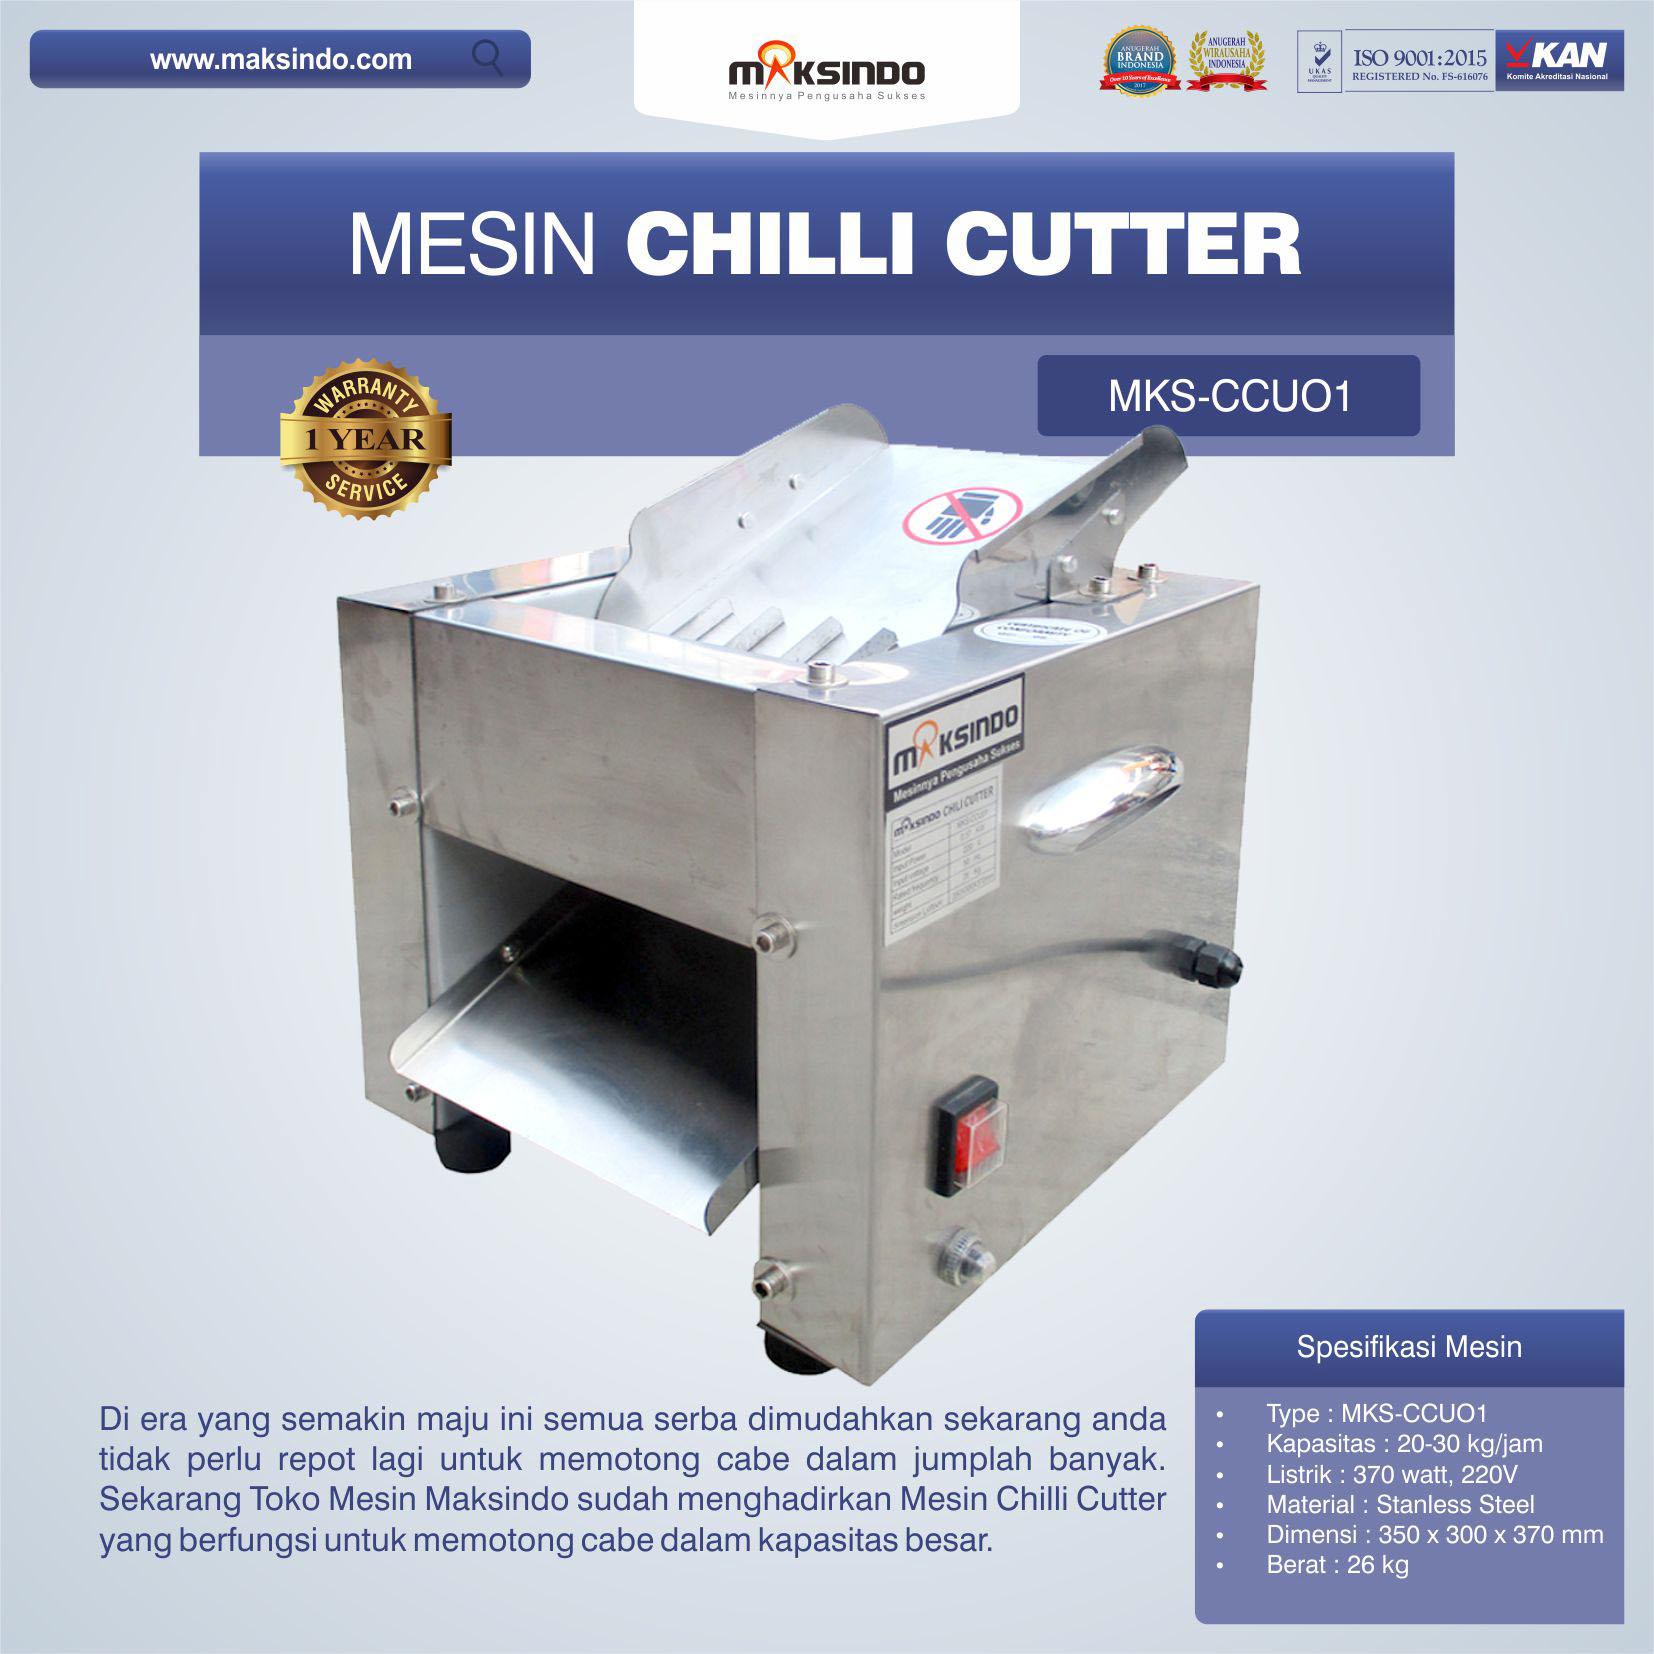 Jual Mesin Chilli Cutter MKS-CCU01 di Medan